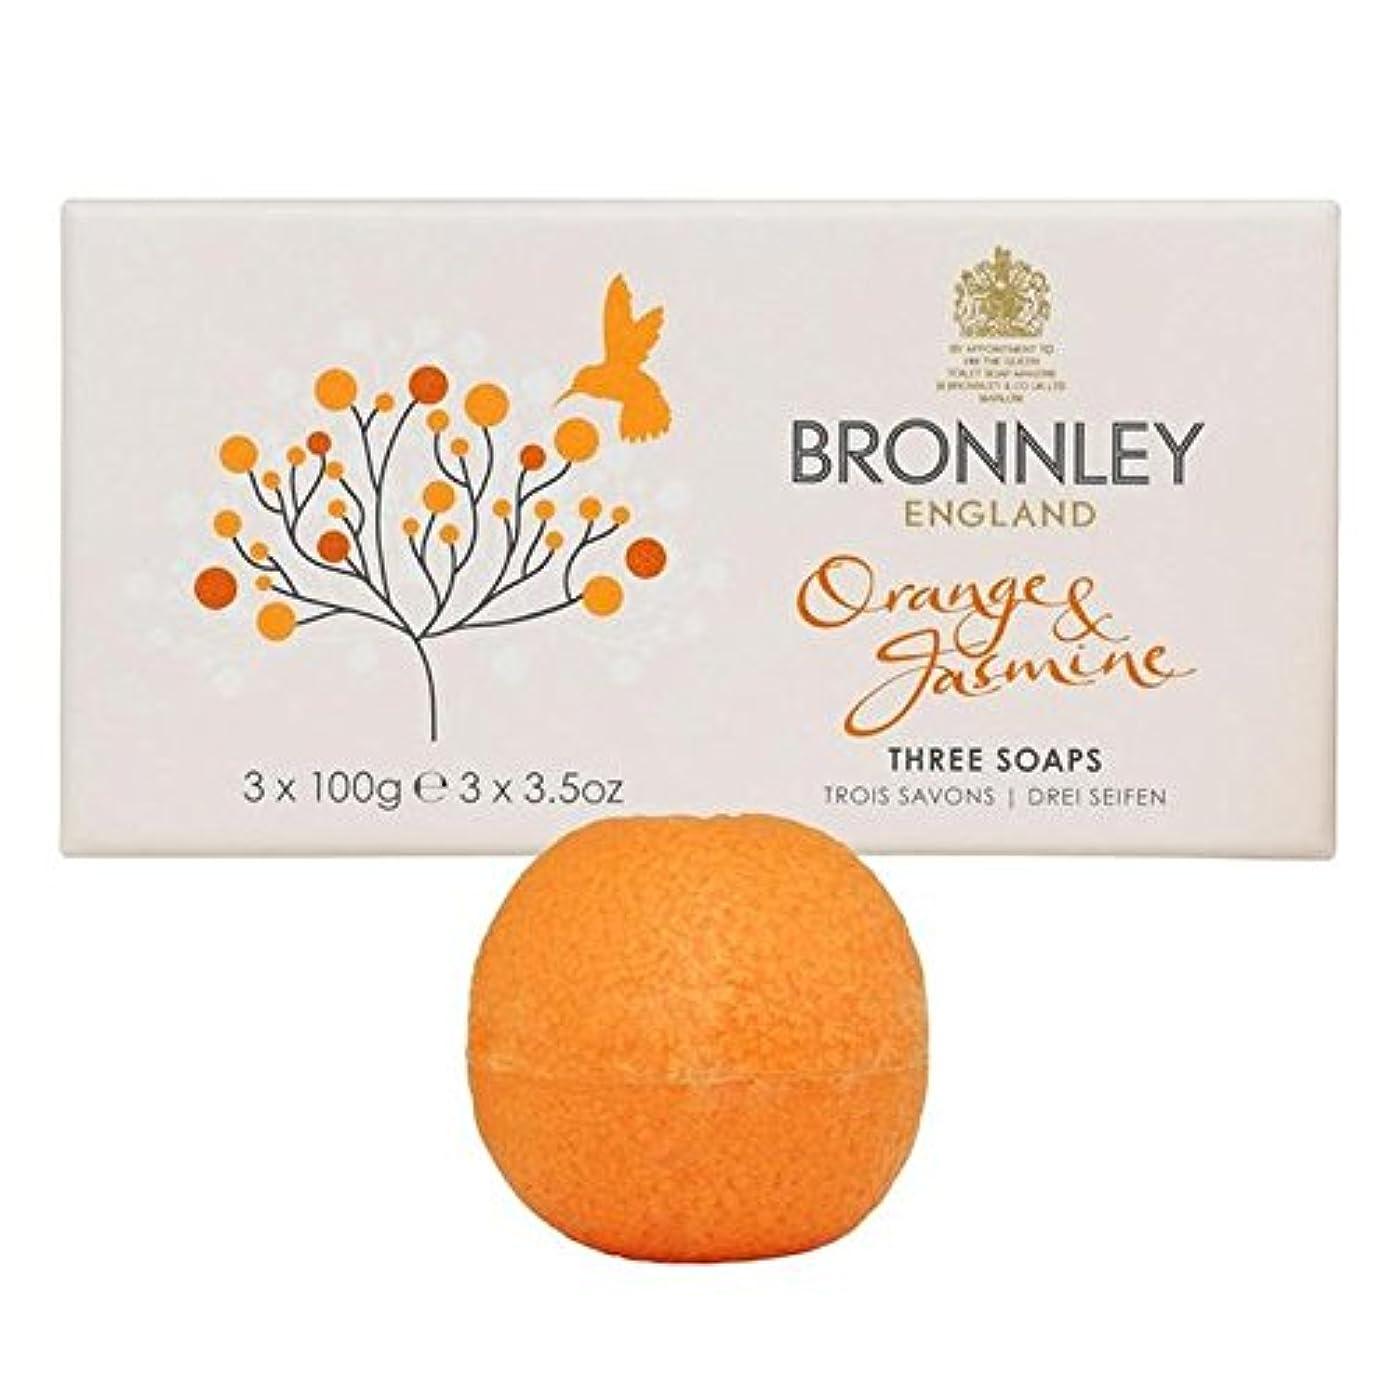 プロペラ用語集境界Bronnley Orange & Jasmine Soaps 3 x 100g (Pack of 6) - オレンジ&ジャスミン石鹸3×100グラム x6 [並行輸入品]